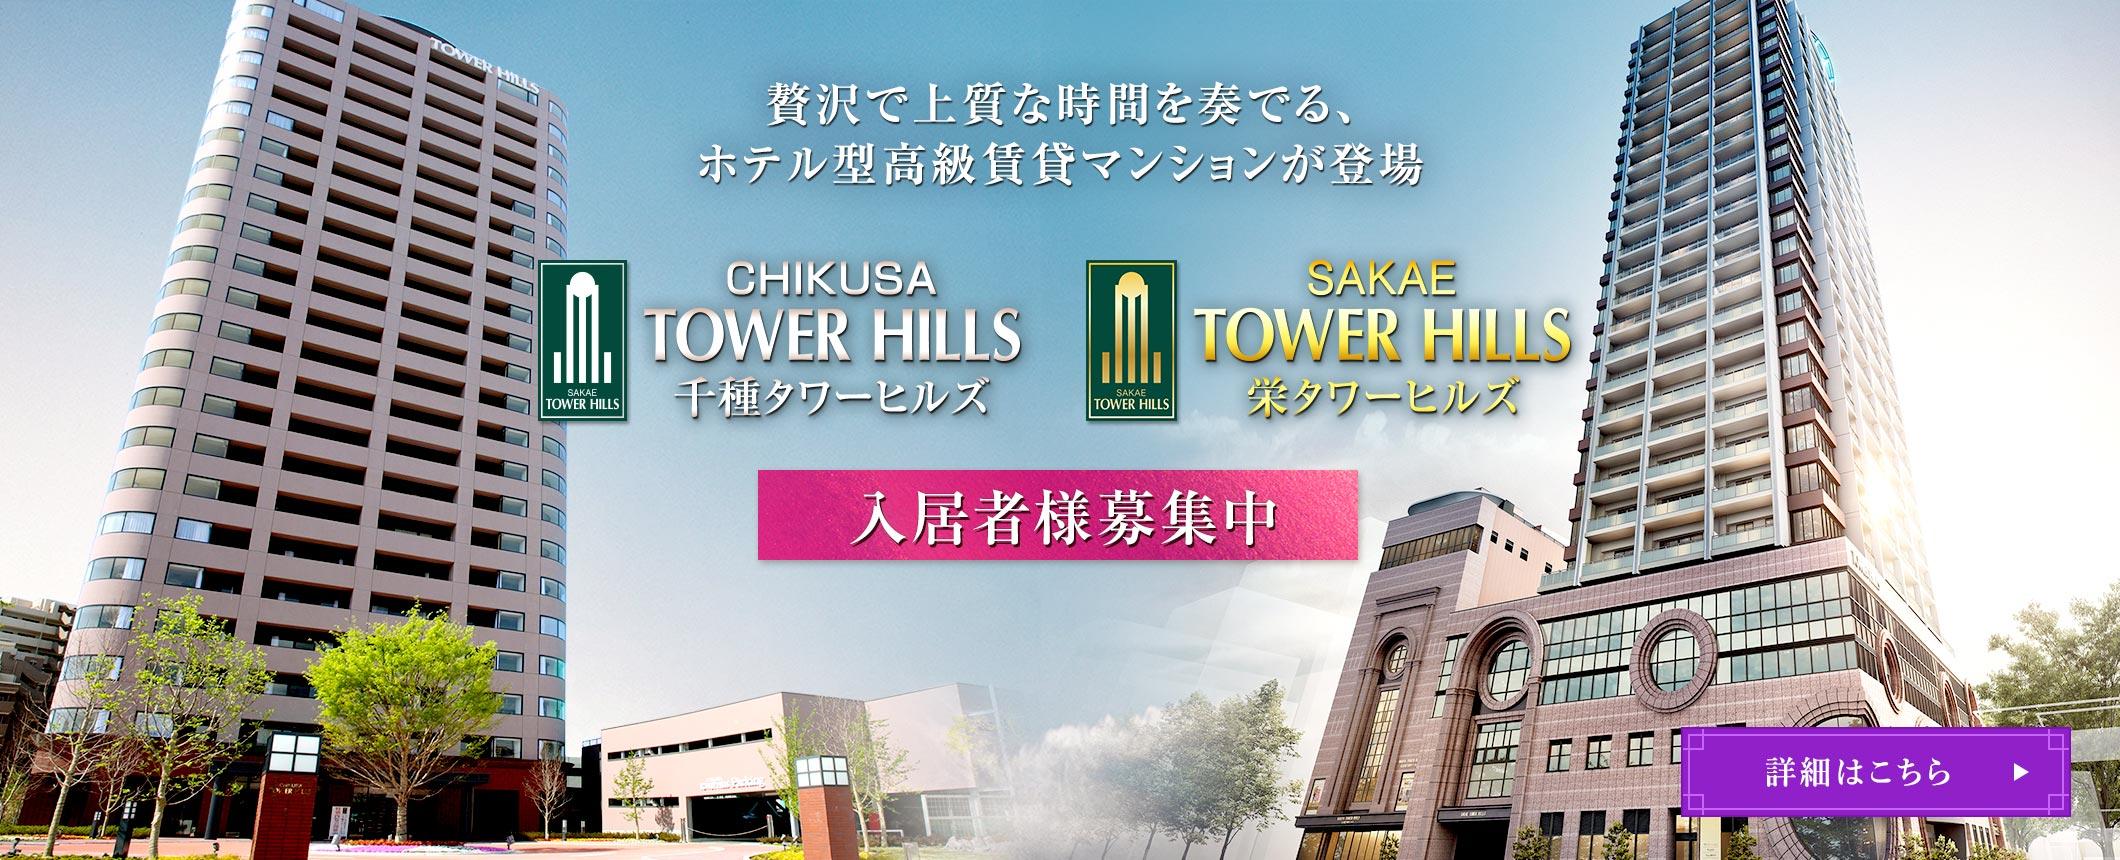 千種タワーヒルズ・栄タワーヒルズ